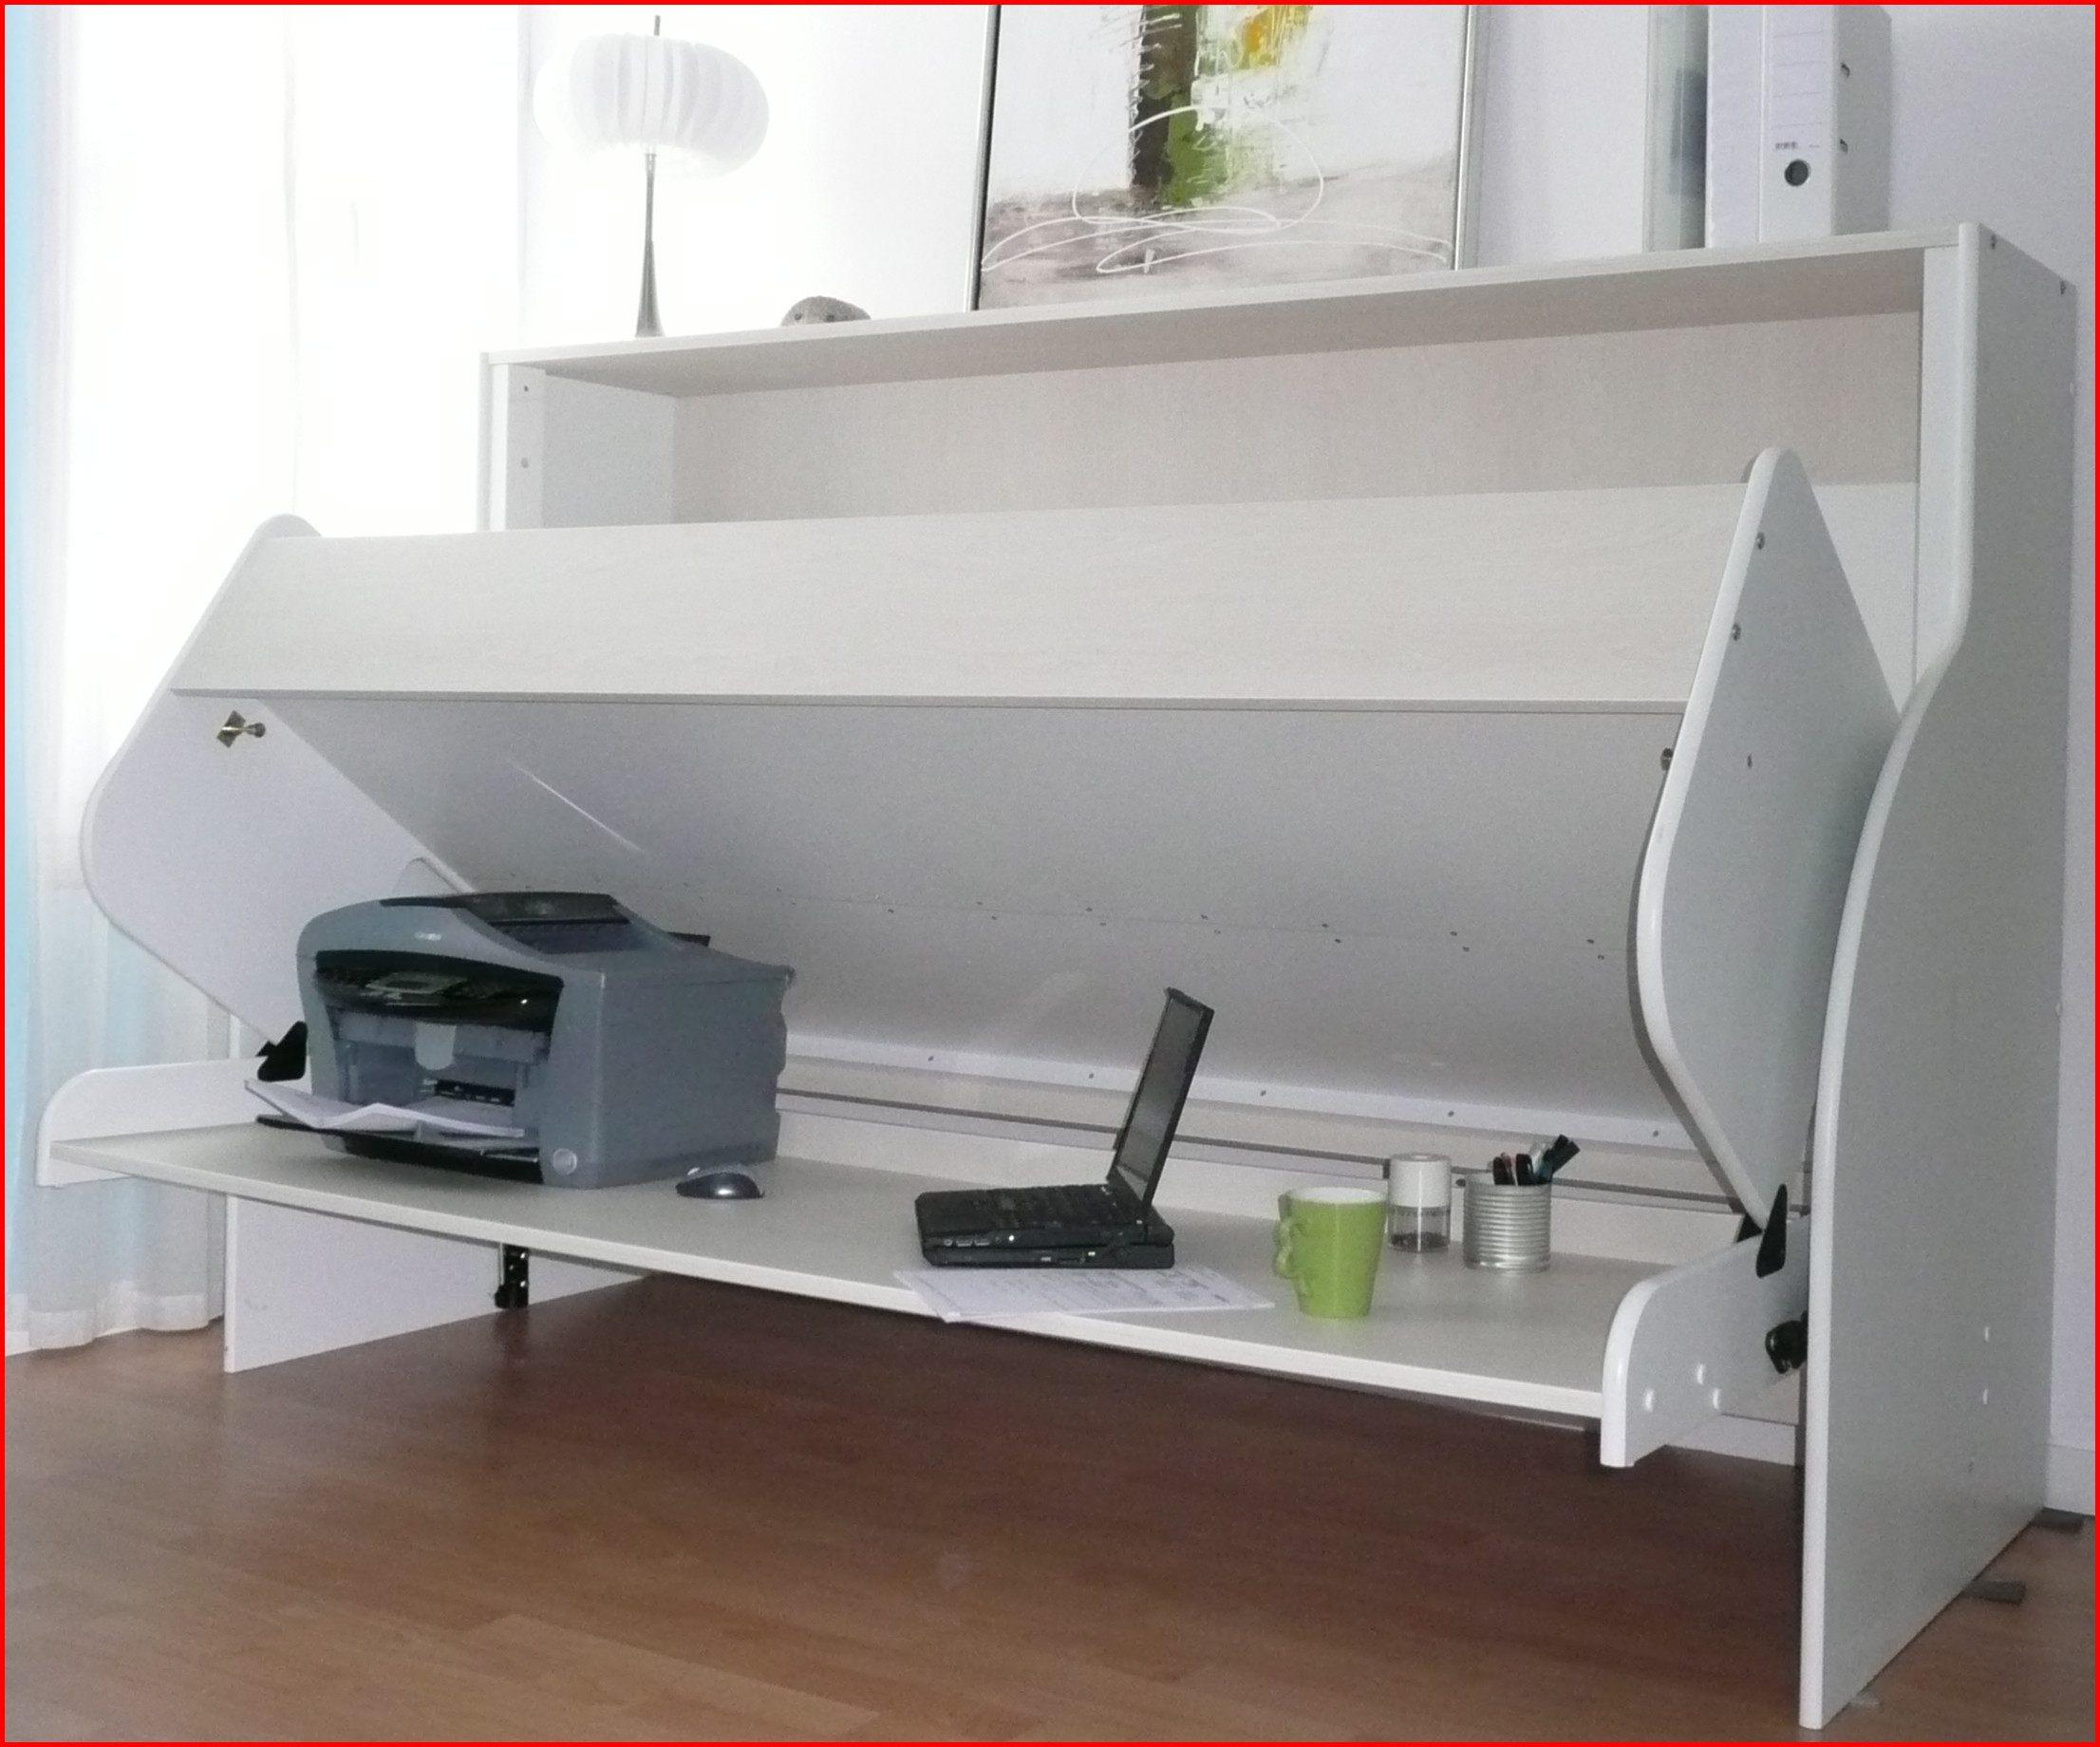 Lit Superposé Rangement Luxe Lit Mezzanine Bureau Armoire Lit Mezzanine Avec Bureau Lit Mezzanine